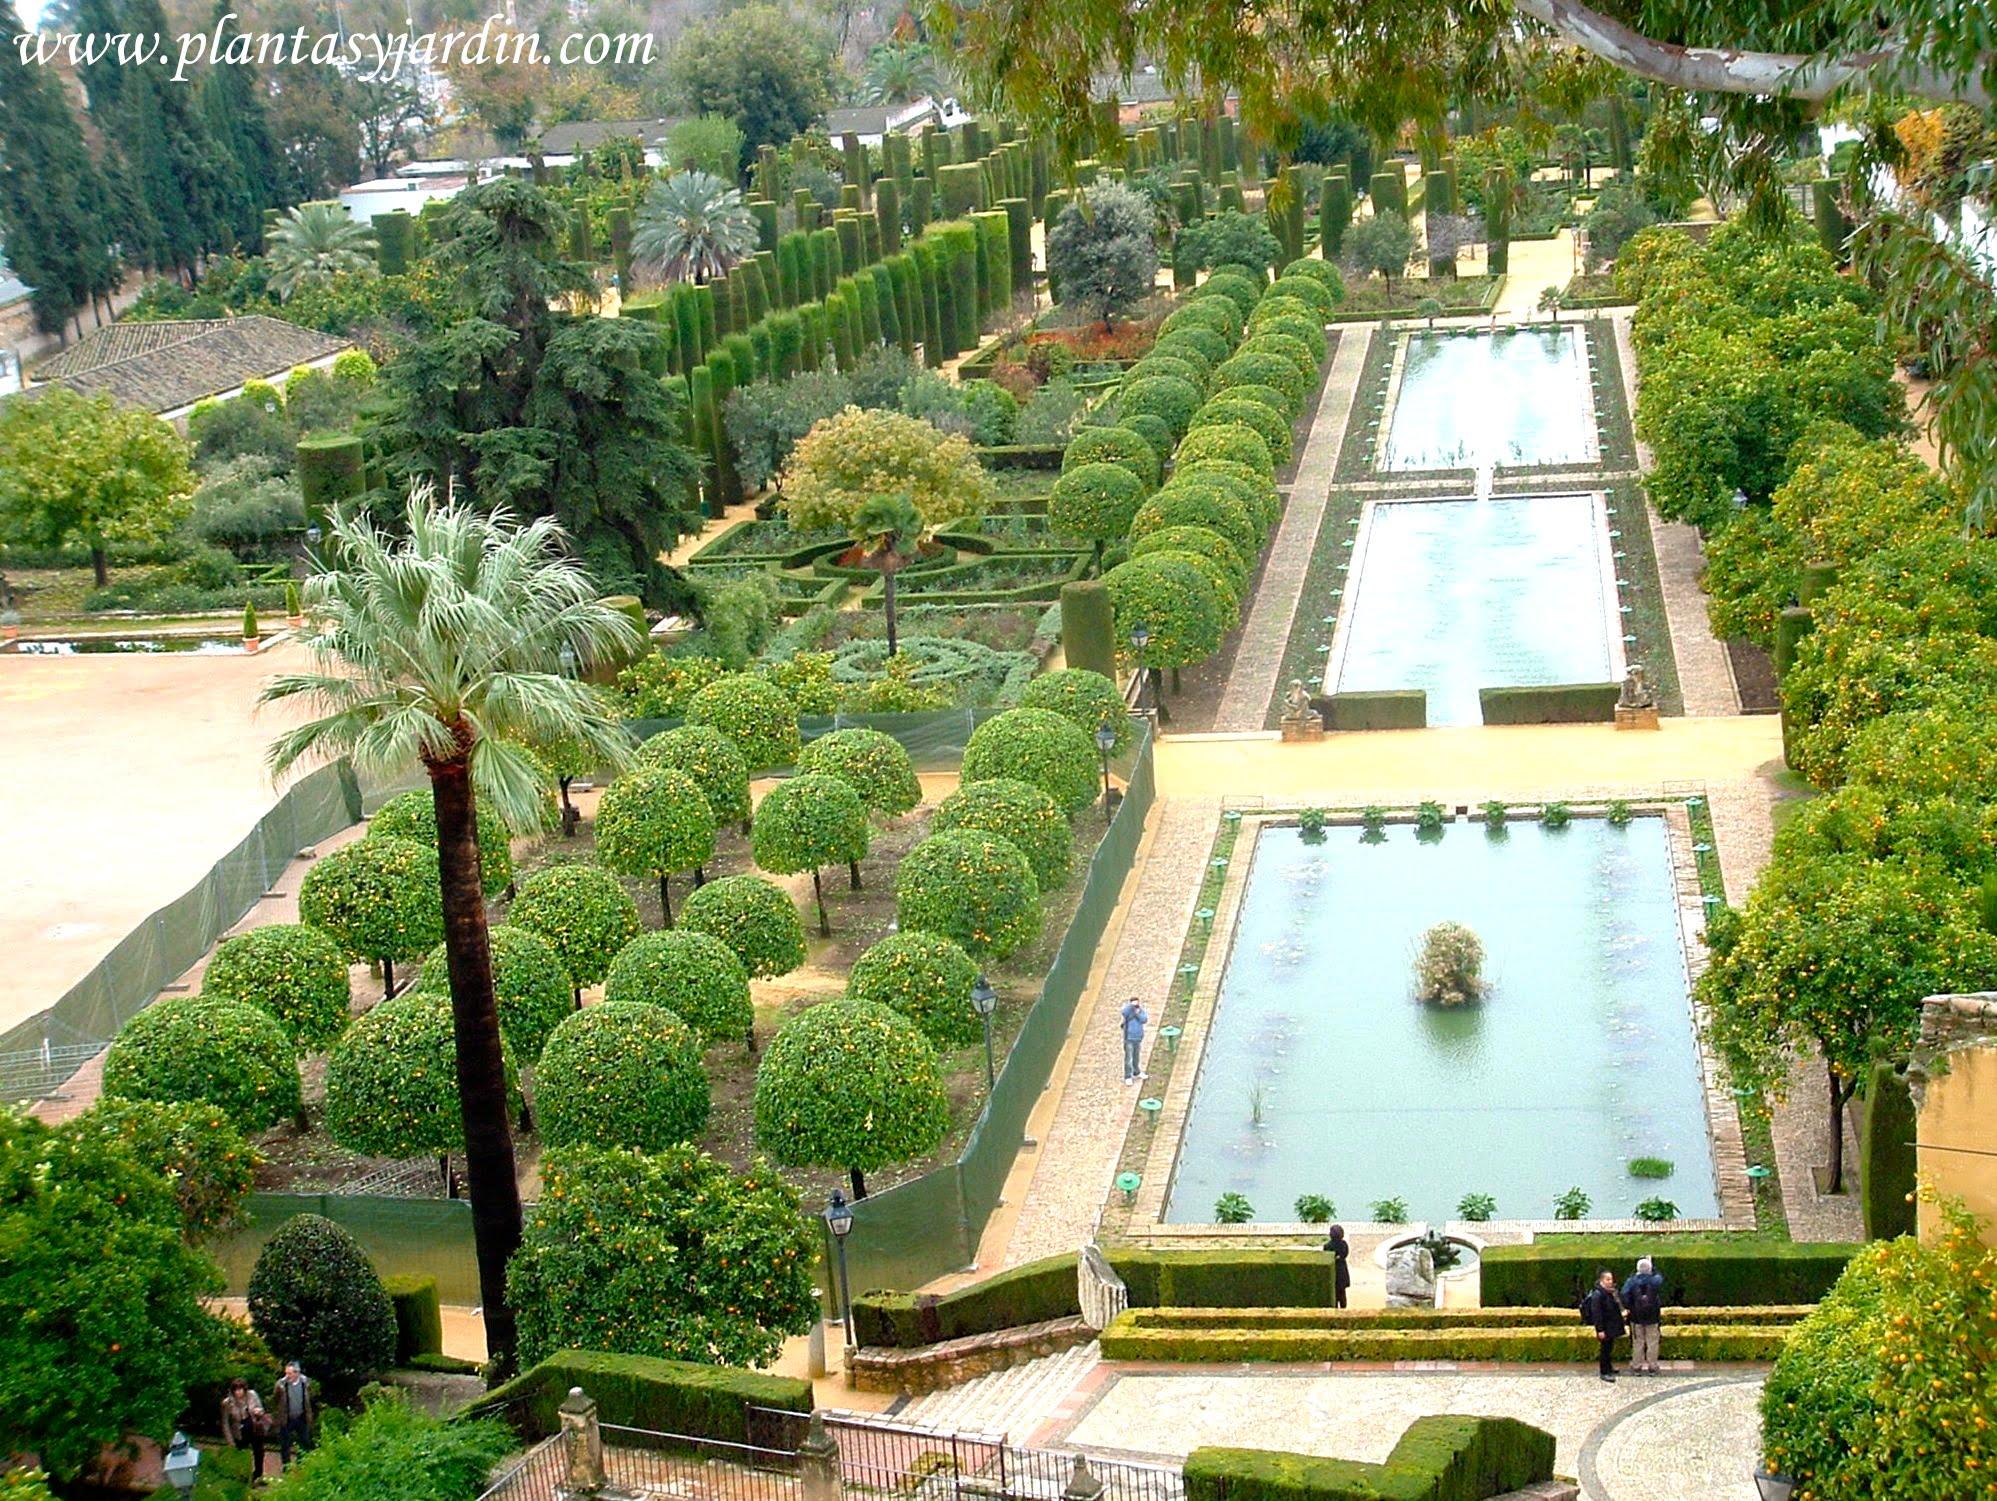 Vista de los Jardines del Alcazar de los reyes católicos desde la torre